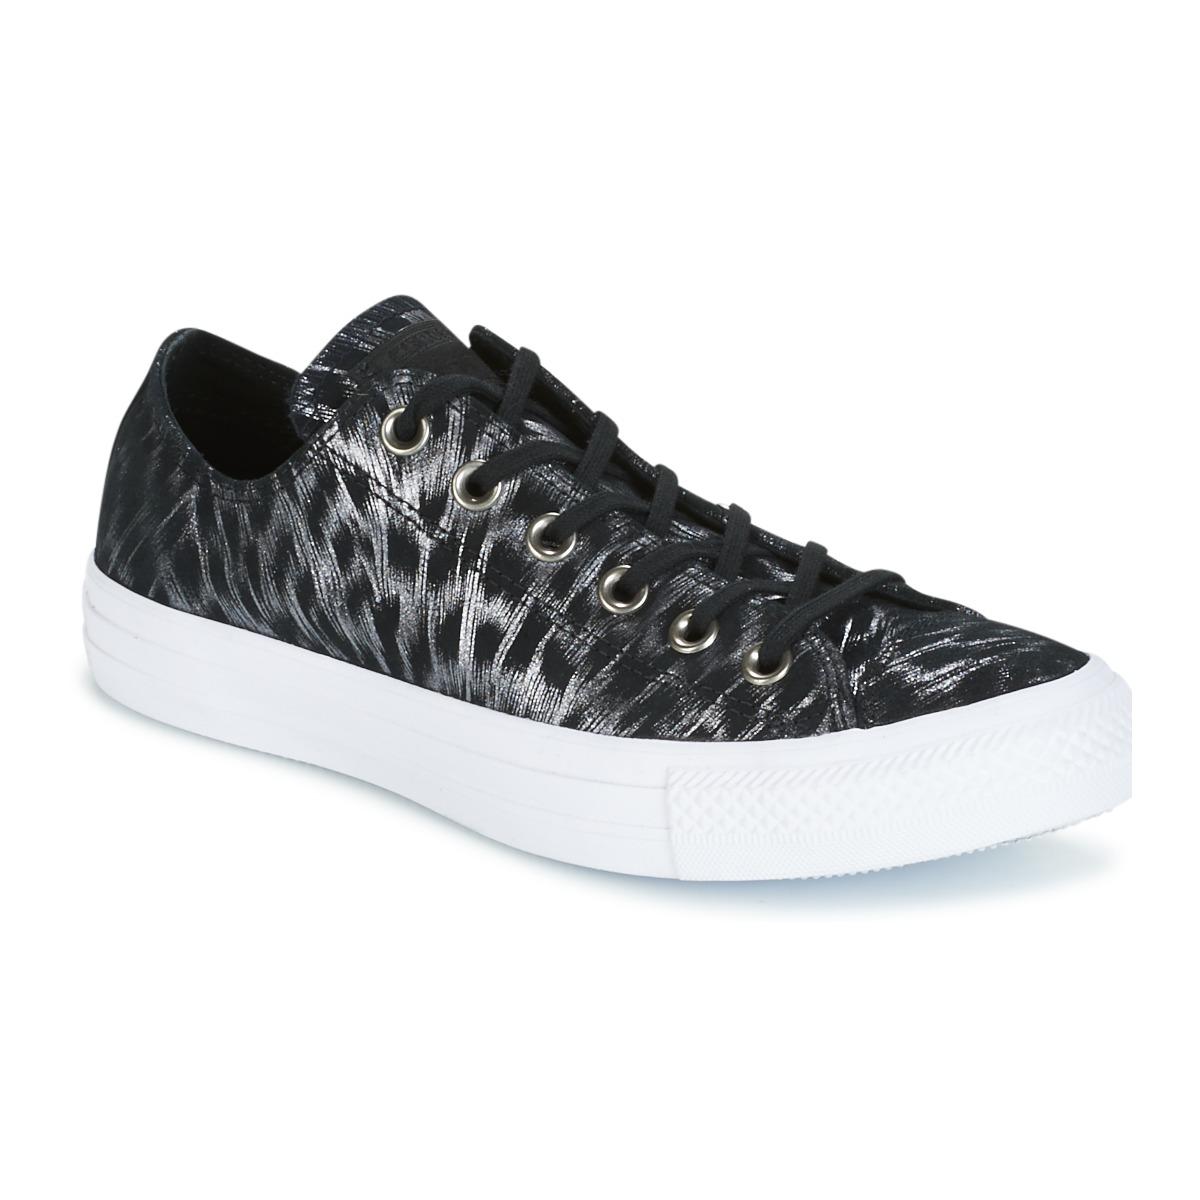 Converse CHUCK TAYLOR ALL STAR SHIMMER SUEDE OX BLACK/BLACK/WHITE Schwarz / Weiss - Kostenloser Versand bei Spartoode ! - Schuhe Sneaker Low Damen 62,99 €